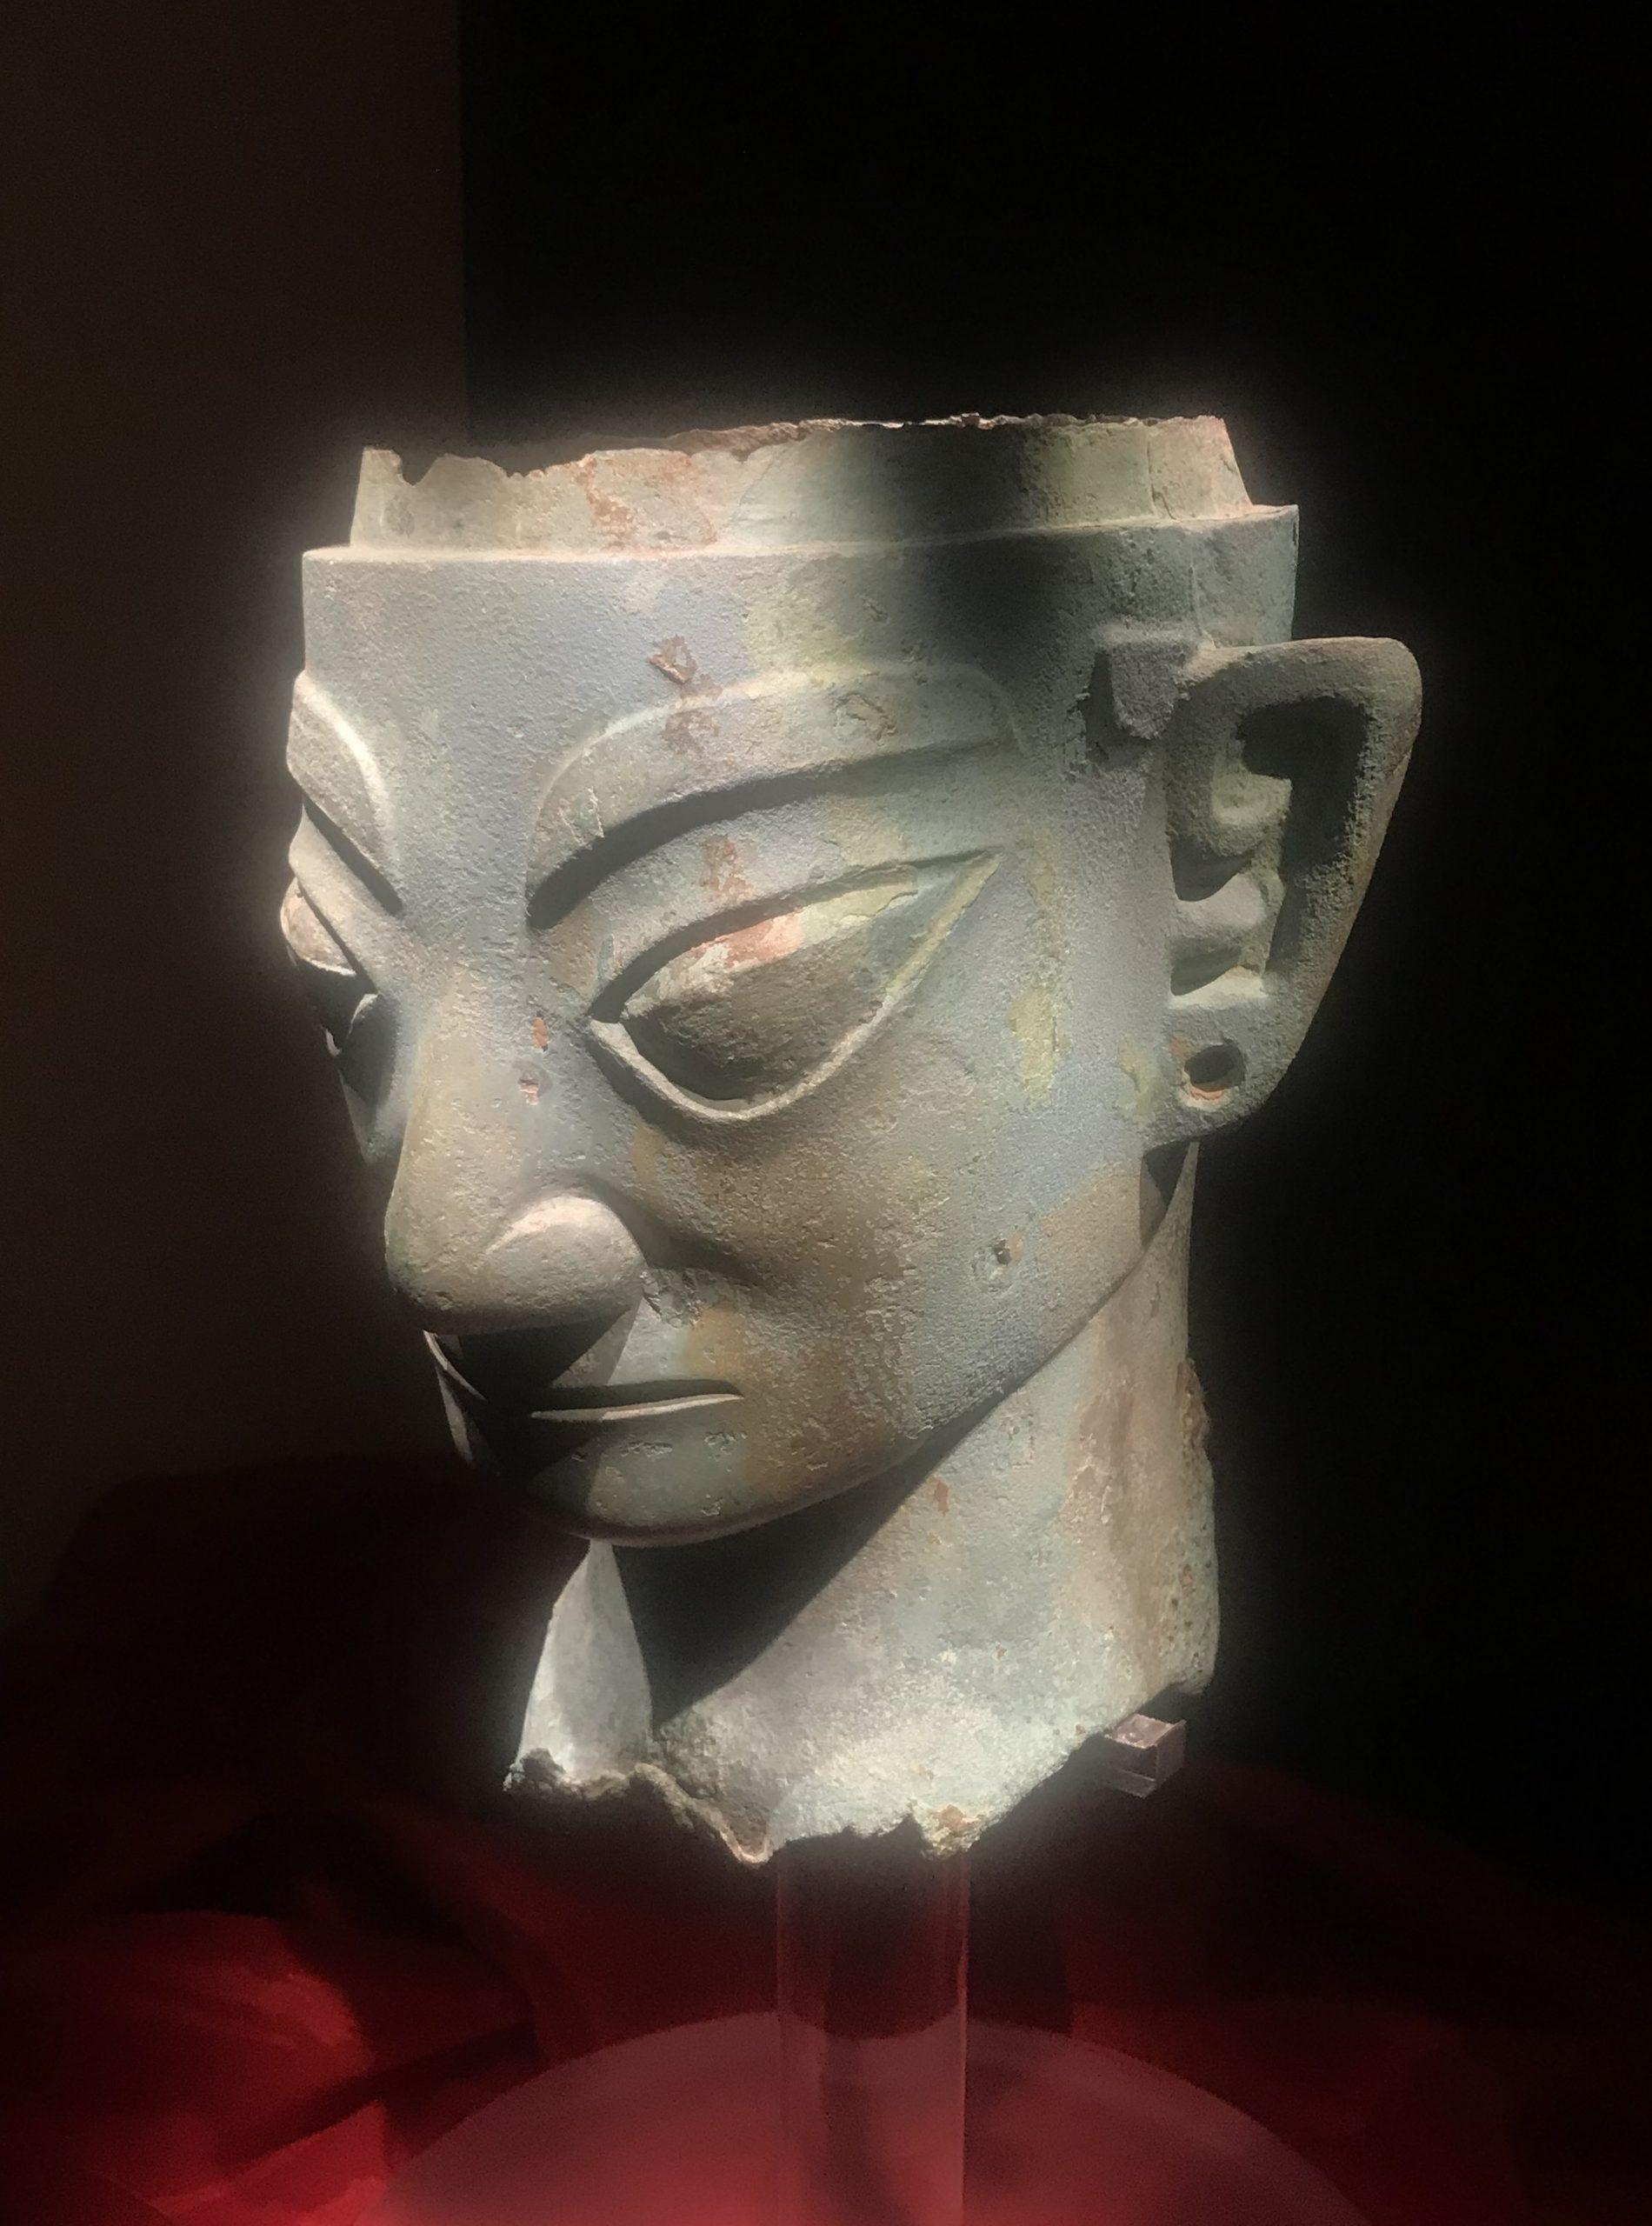 青銅人頭像12-青銅器館-三星堆博物館-広漢市-徳陽市-四川省